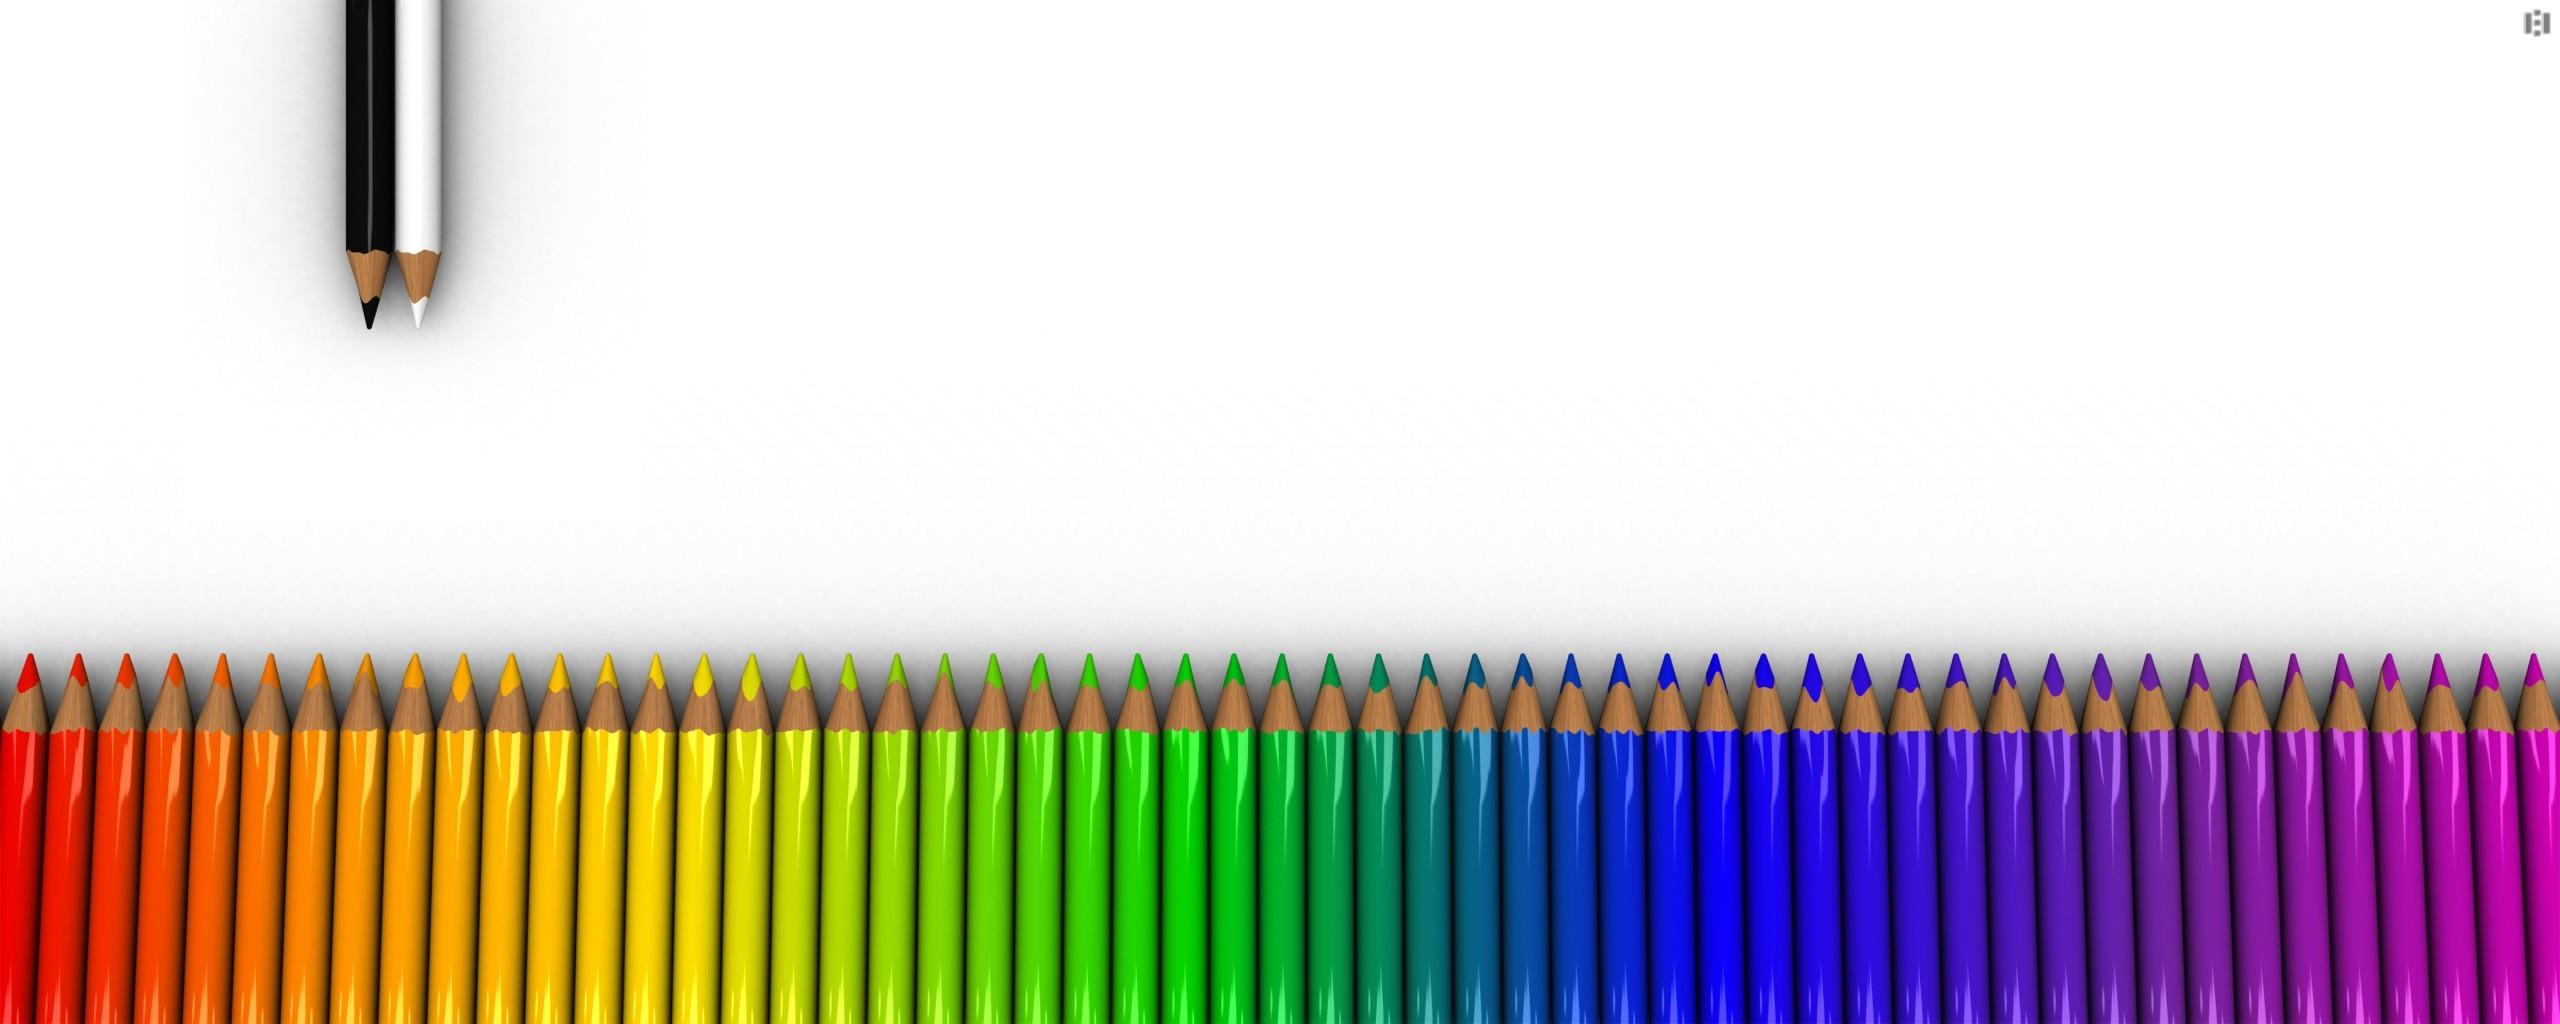 бесплатную картинку картинки с карандашами высокого разрешения необходимого